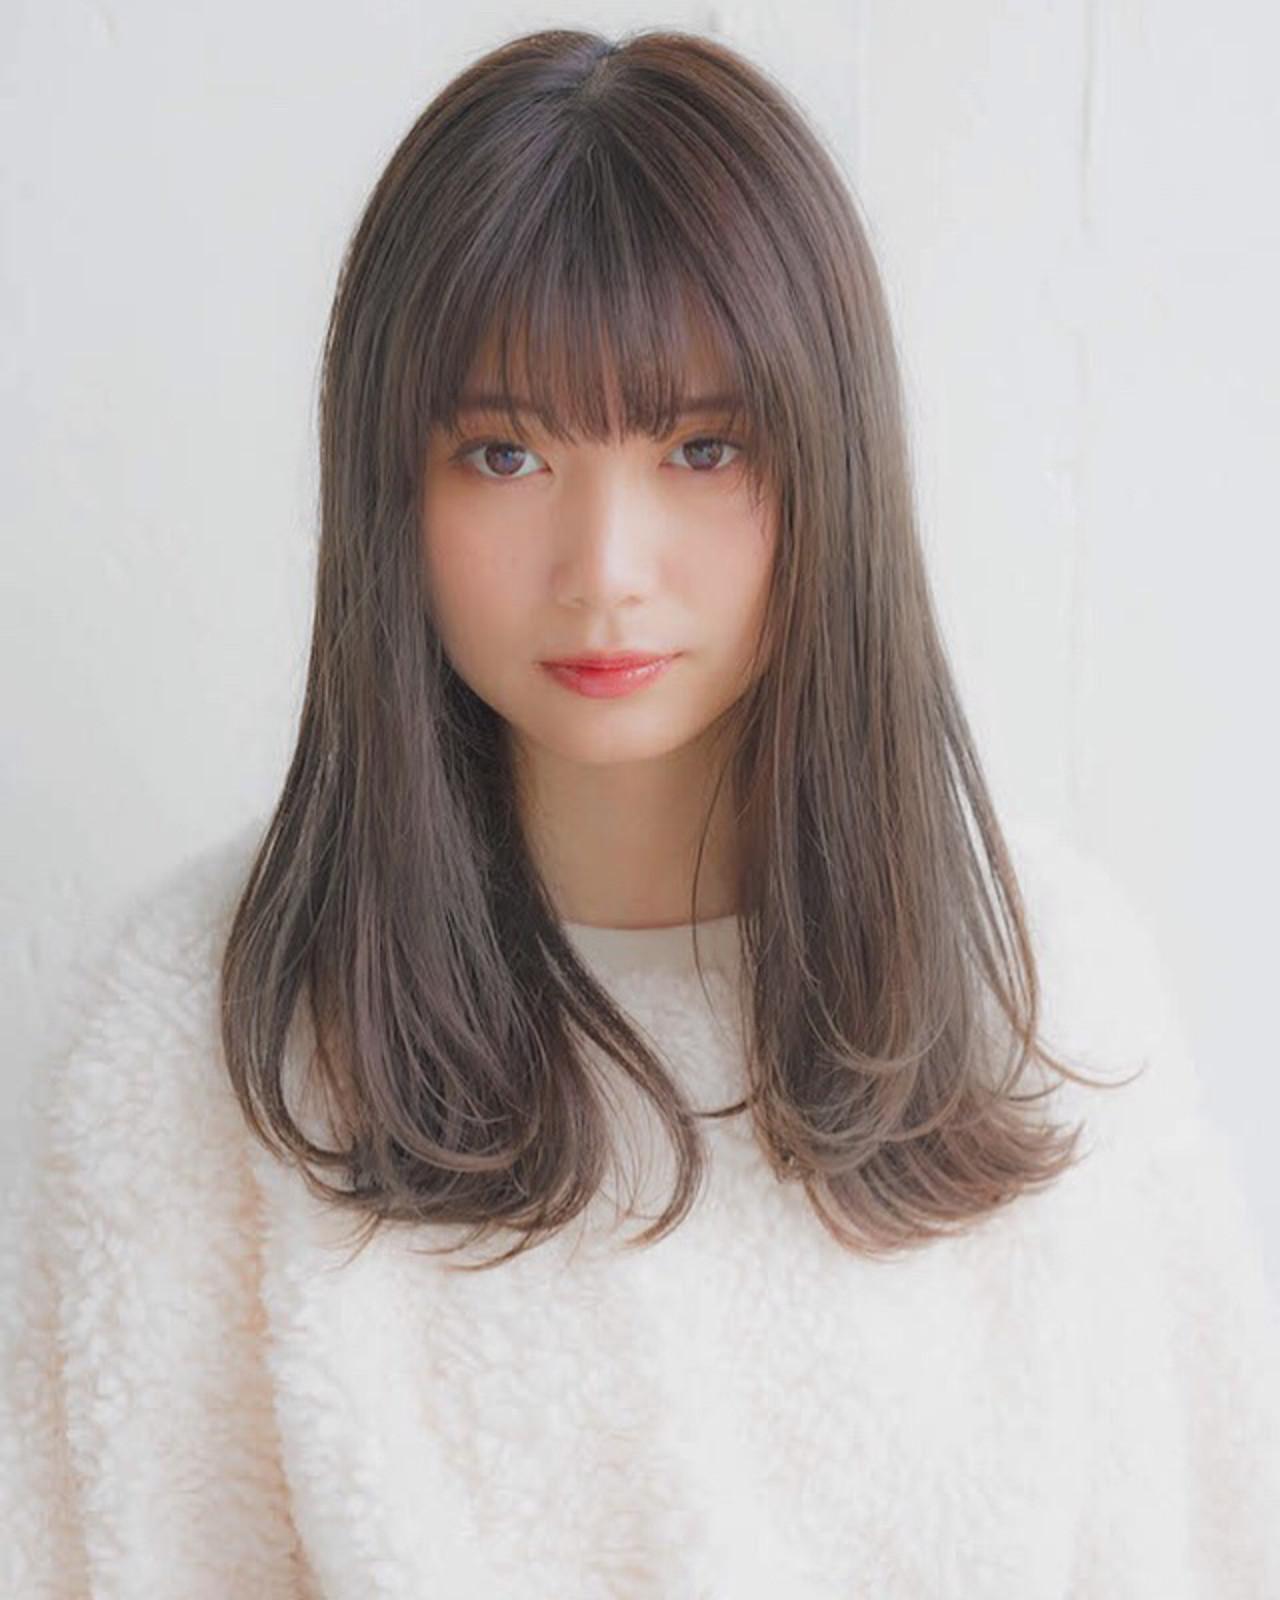 前髪ありは「可愛い」印象 竹澤 優/relian銀座Top stylist